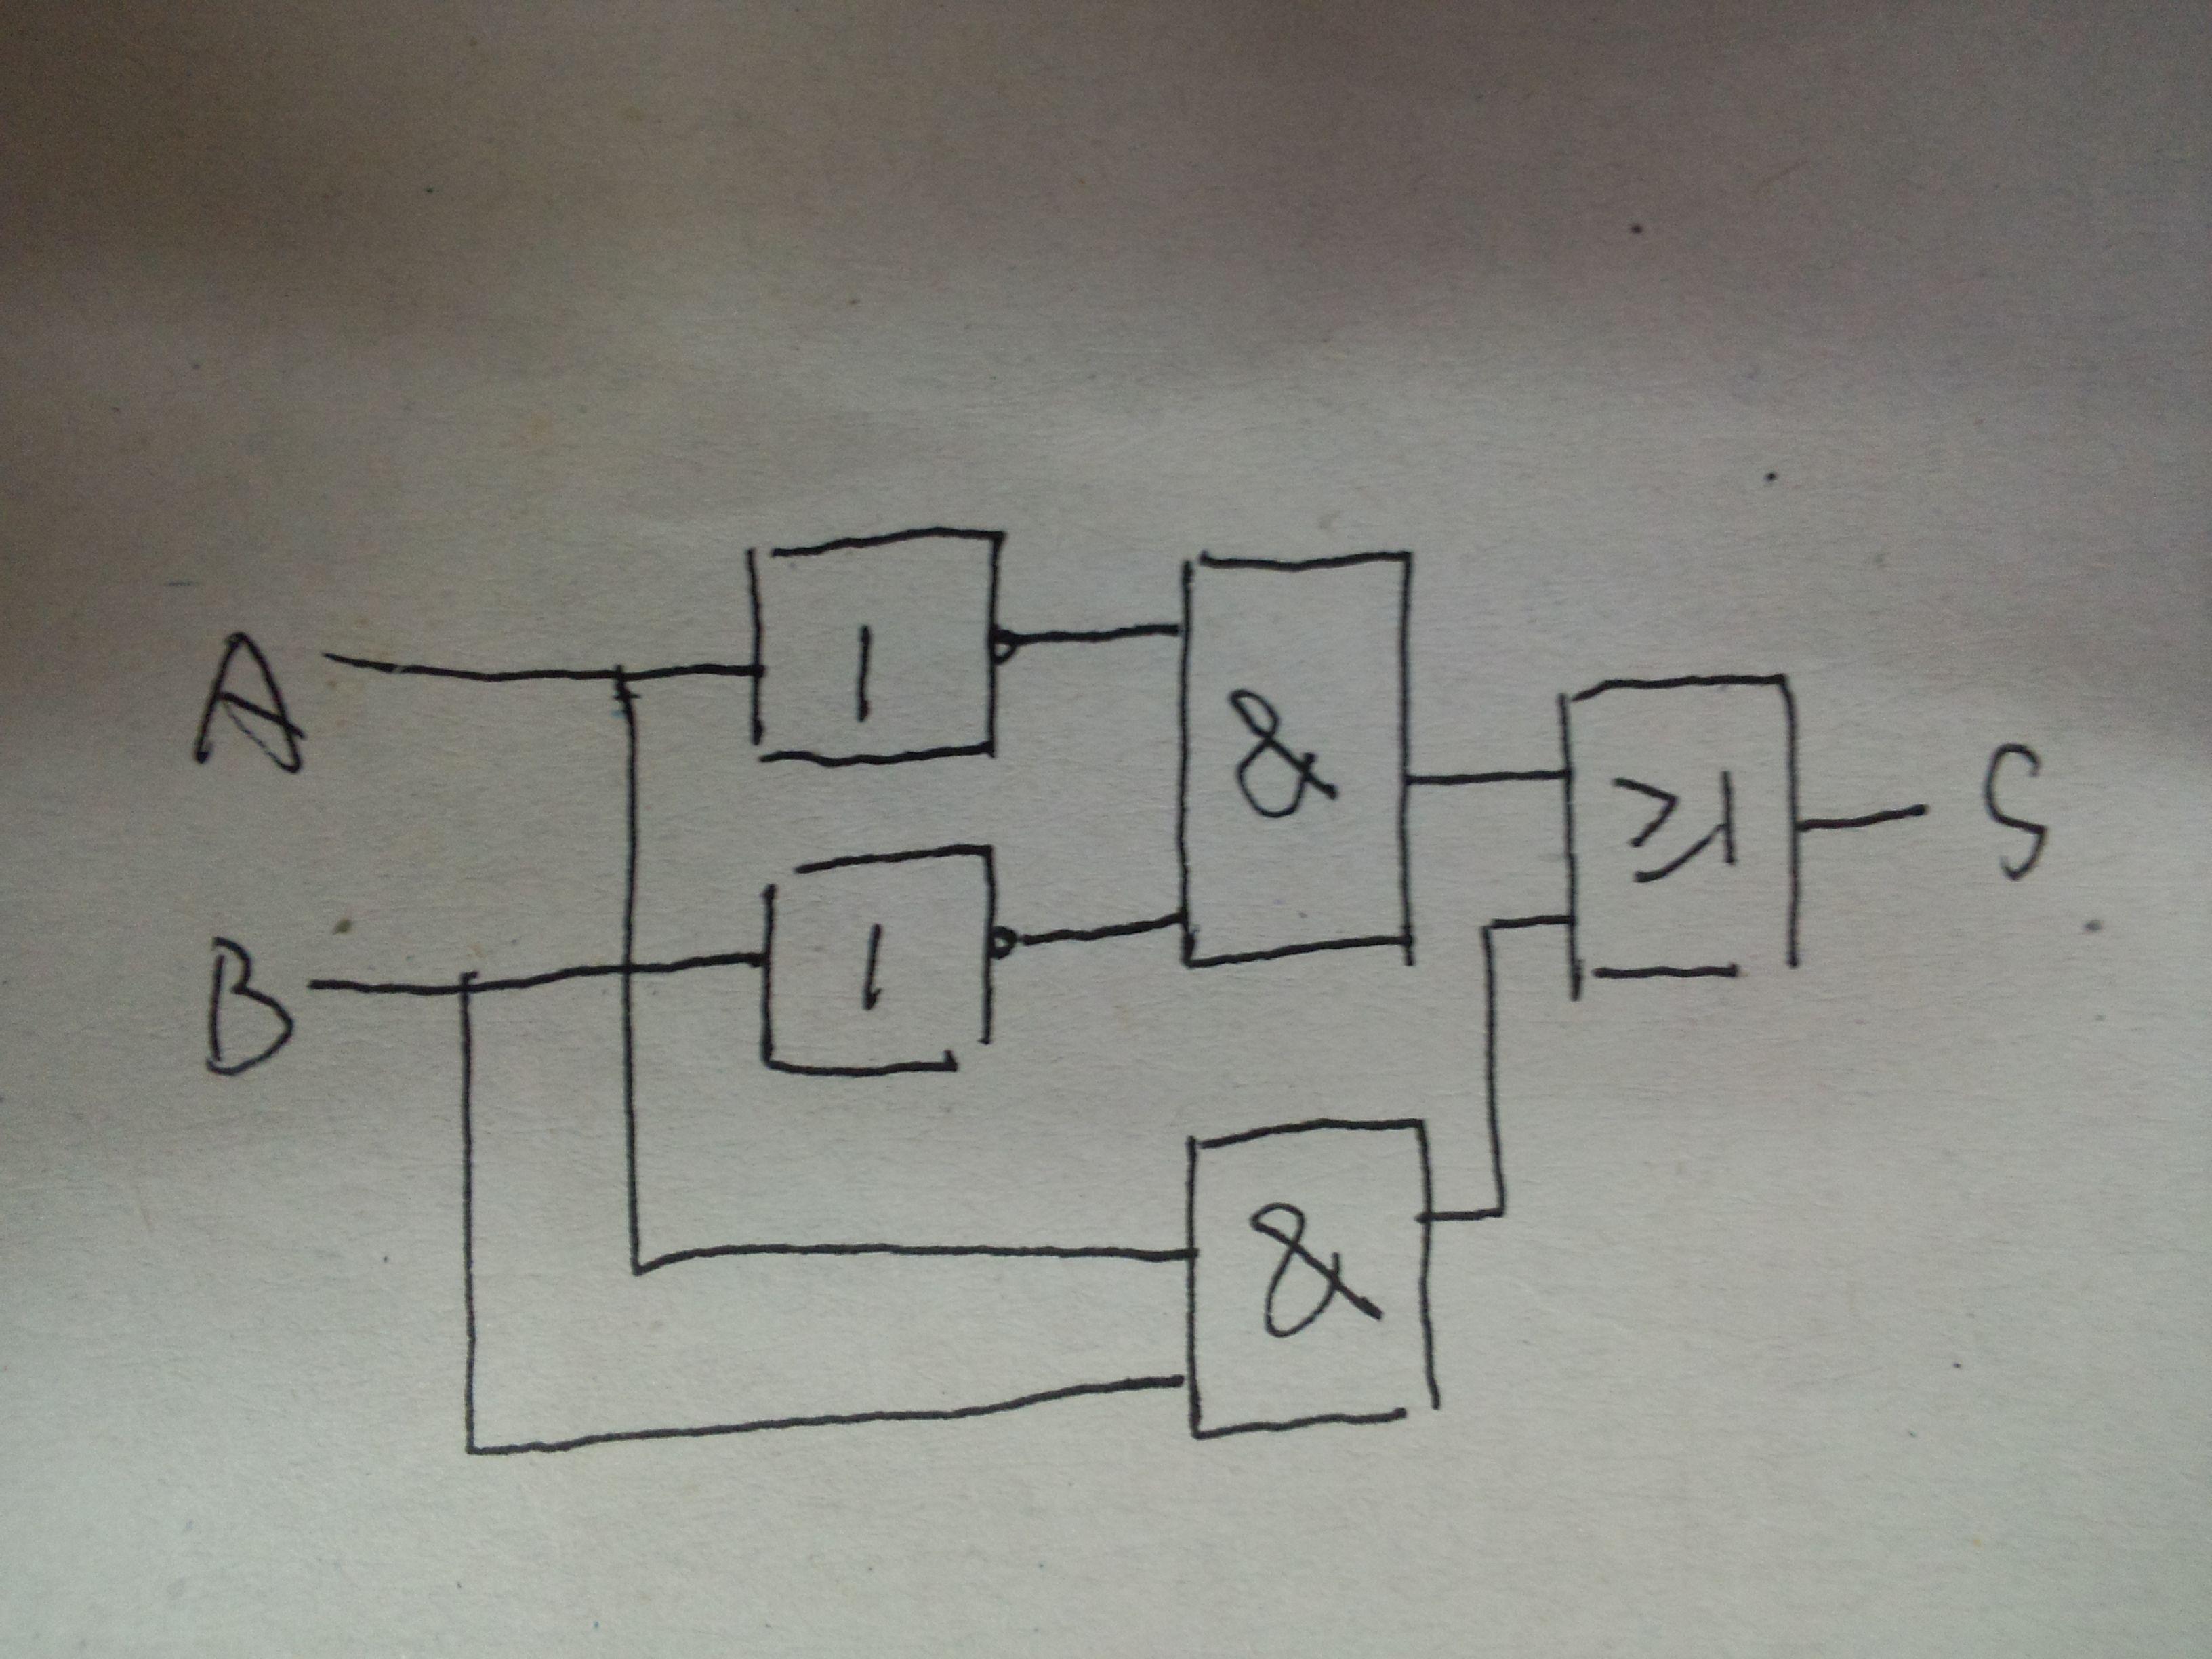 画出逻辑电路图,s=a非b非 ab 谢谢啦!